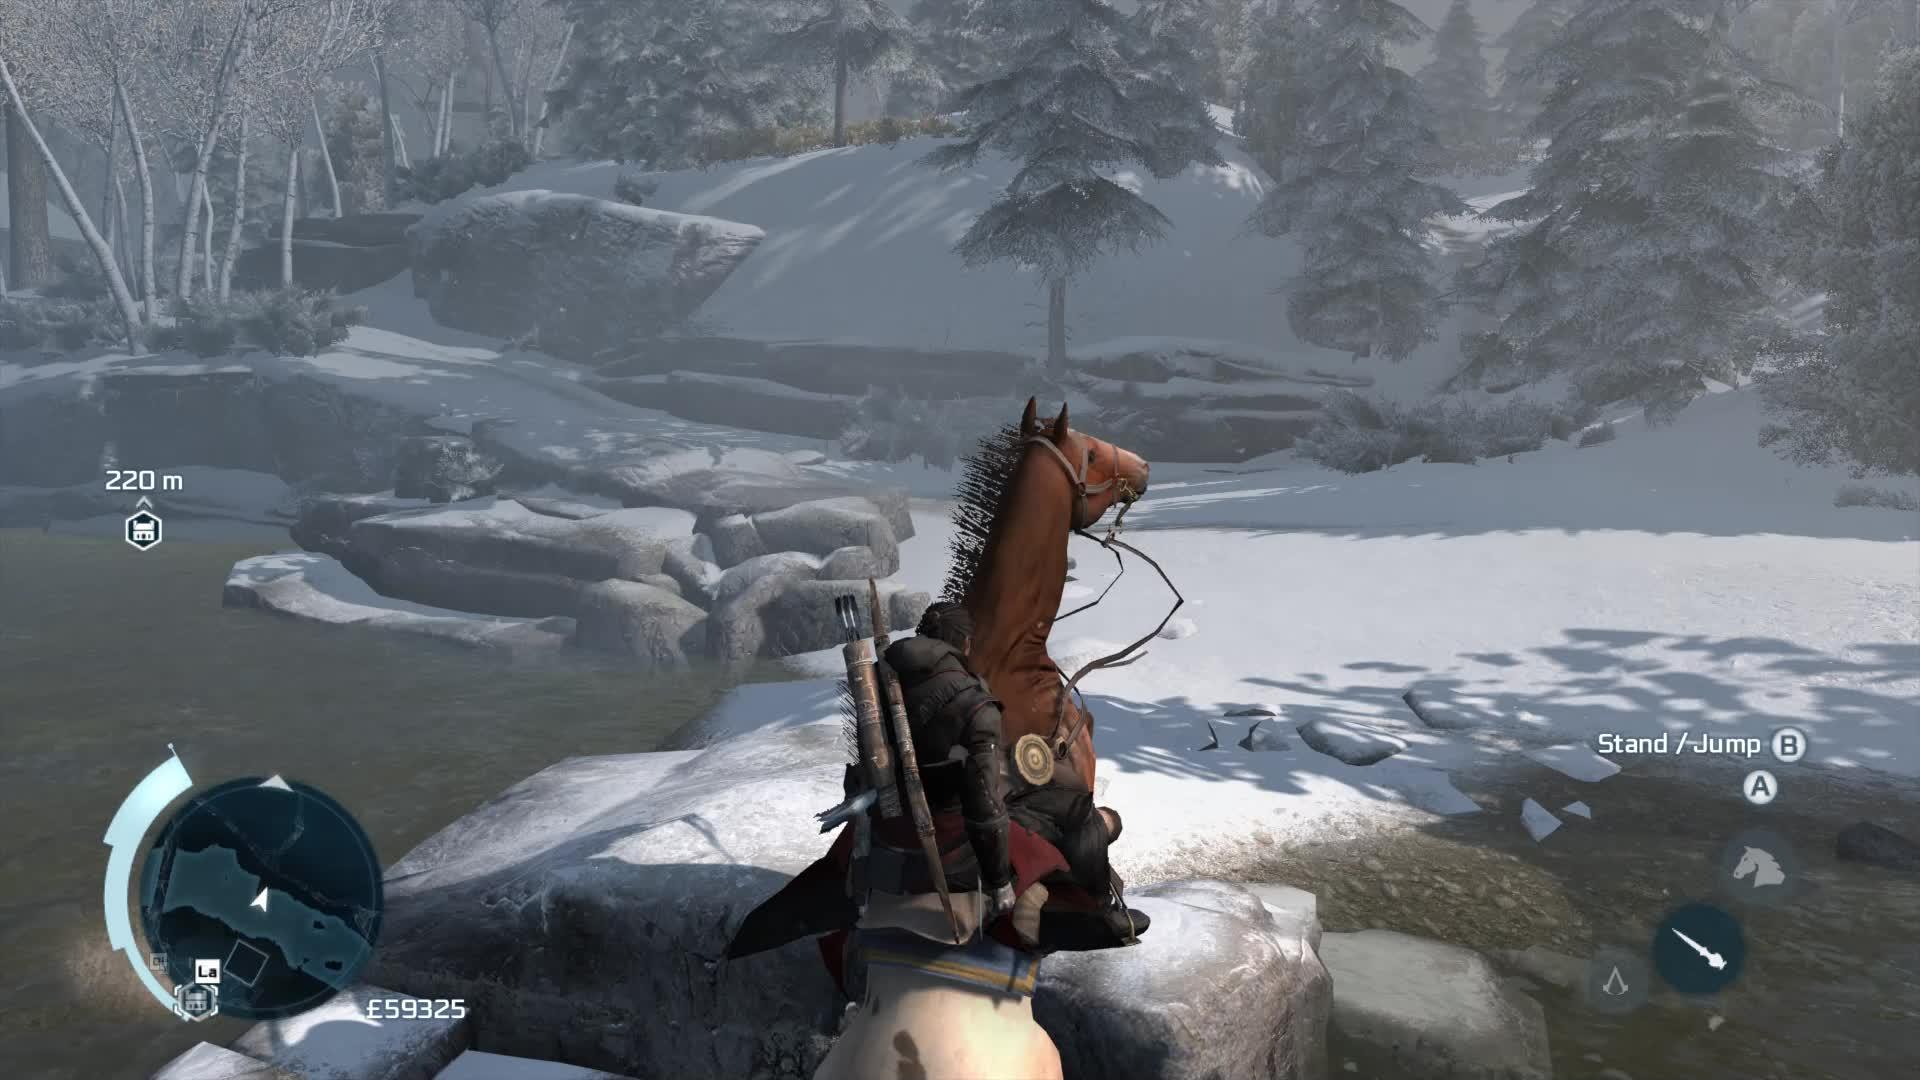 Assassin's Creed III, geddan, ゲッダン, Assassin's Creed III GIFs